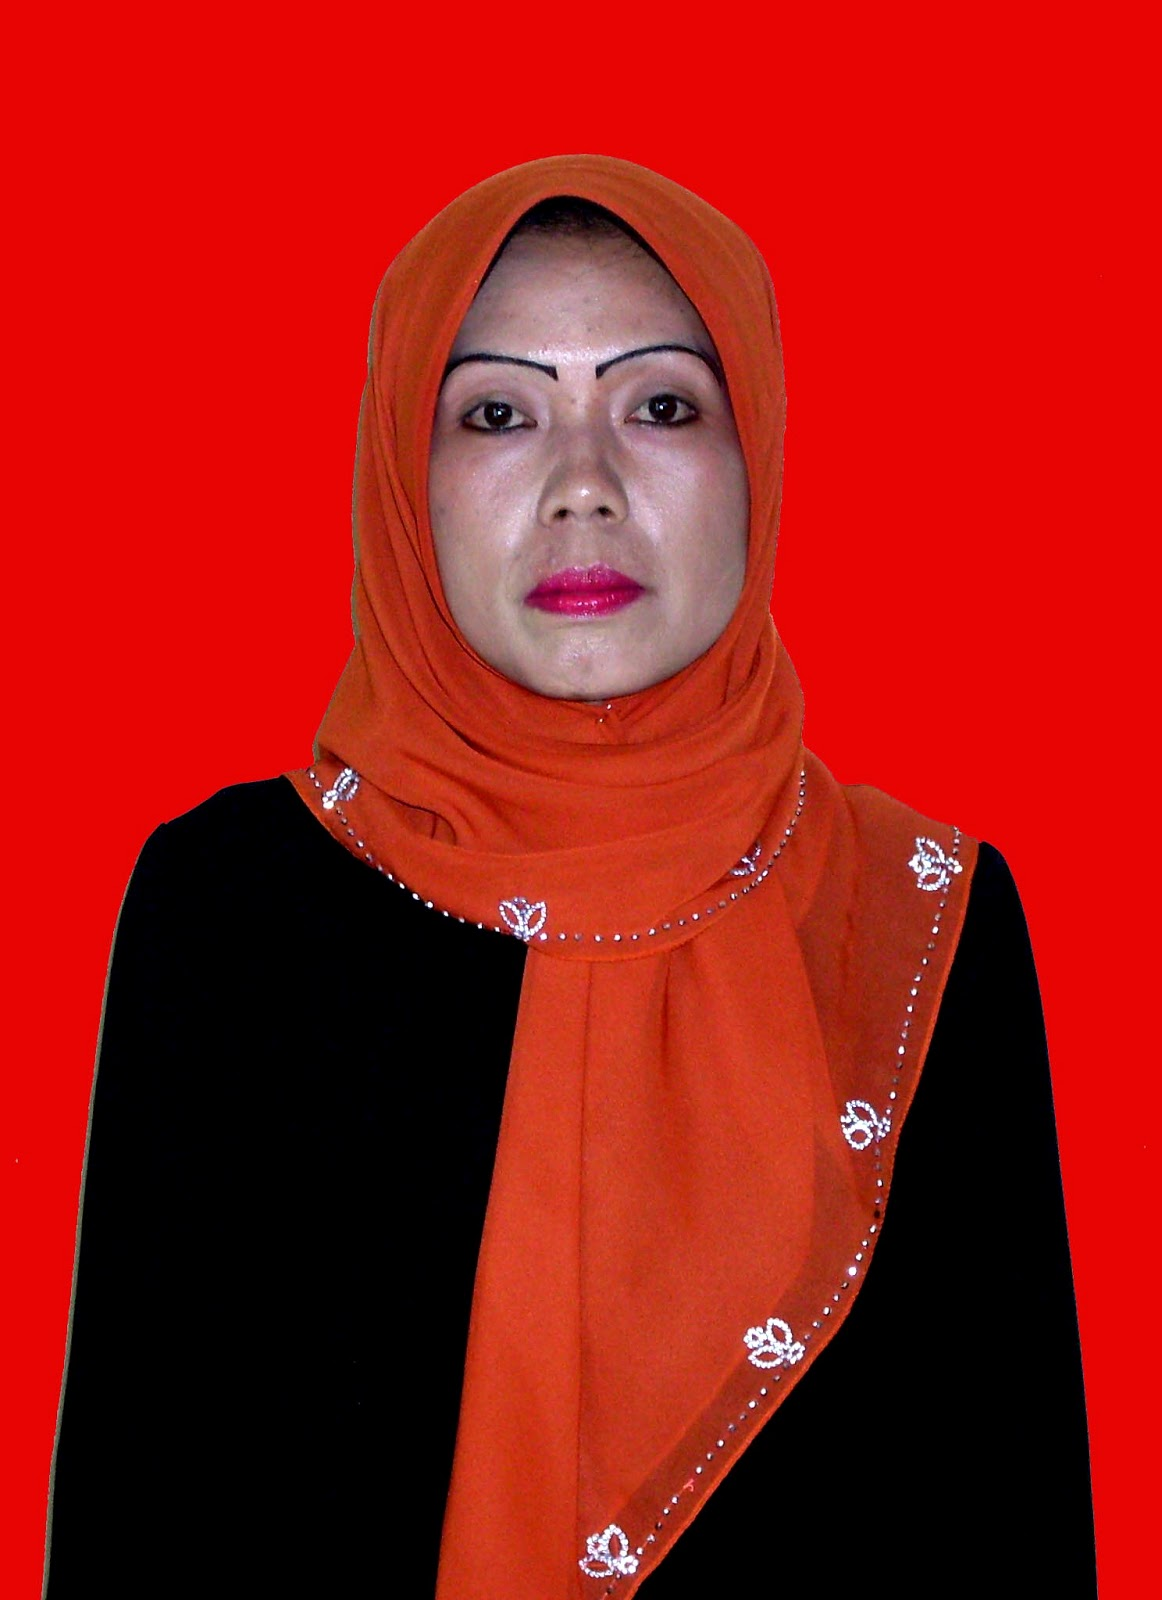 Sekolah Musik Di Pringsewu Lampung Lampung Wikipedia Bahasa Indonesia Ensiklopedia Bebas Smp Negeri 4 Pringsewu Lampung Kepala Sekolah Guru Dan Staf